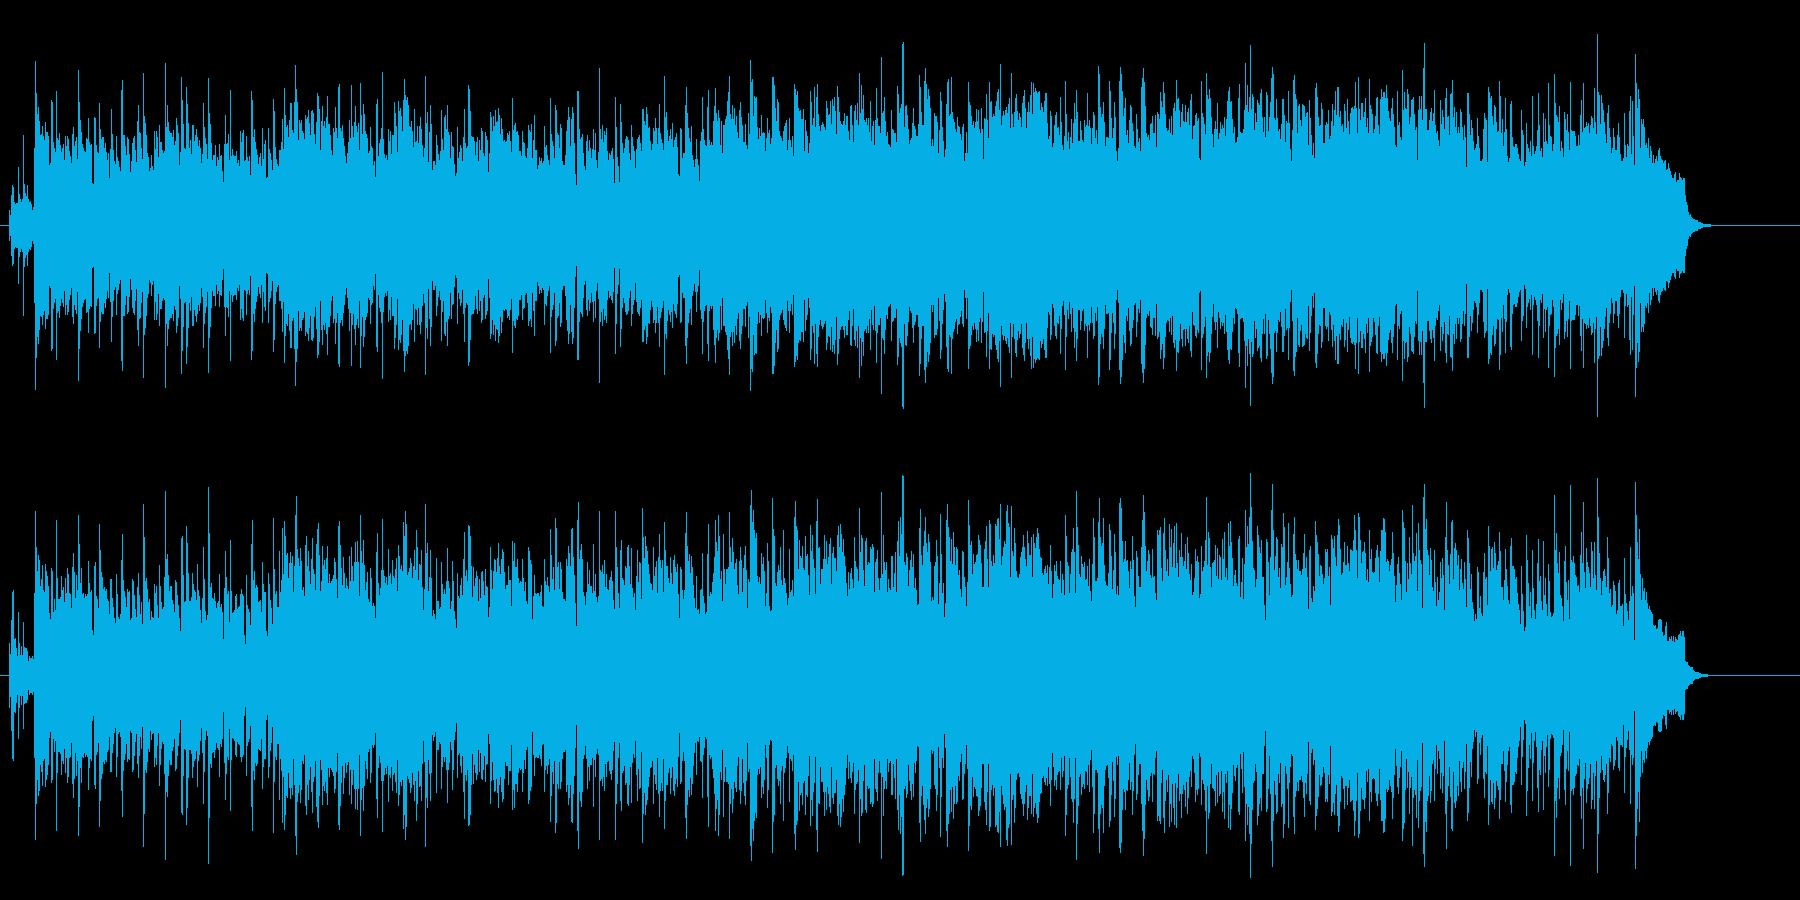 決意の切ないニューミュージック風ポップスの再生済みの波形